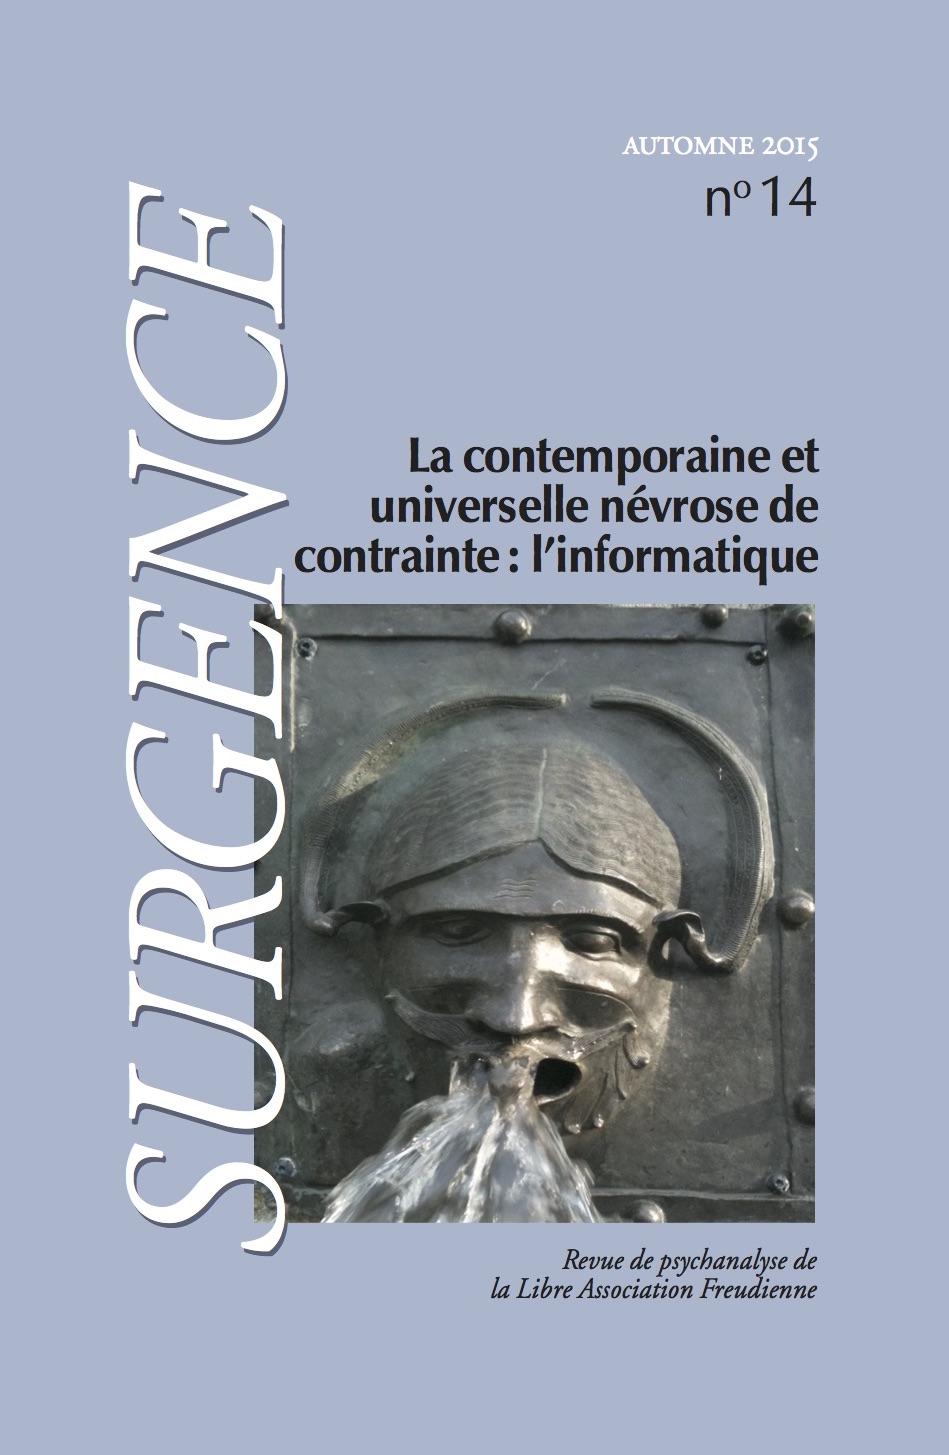 La contemporaine et universelle contrainte de névrose: l'informatique